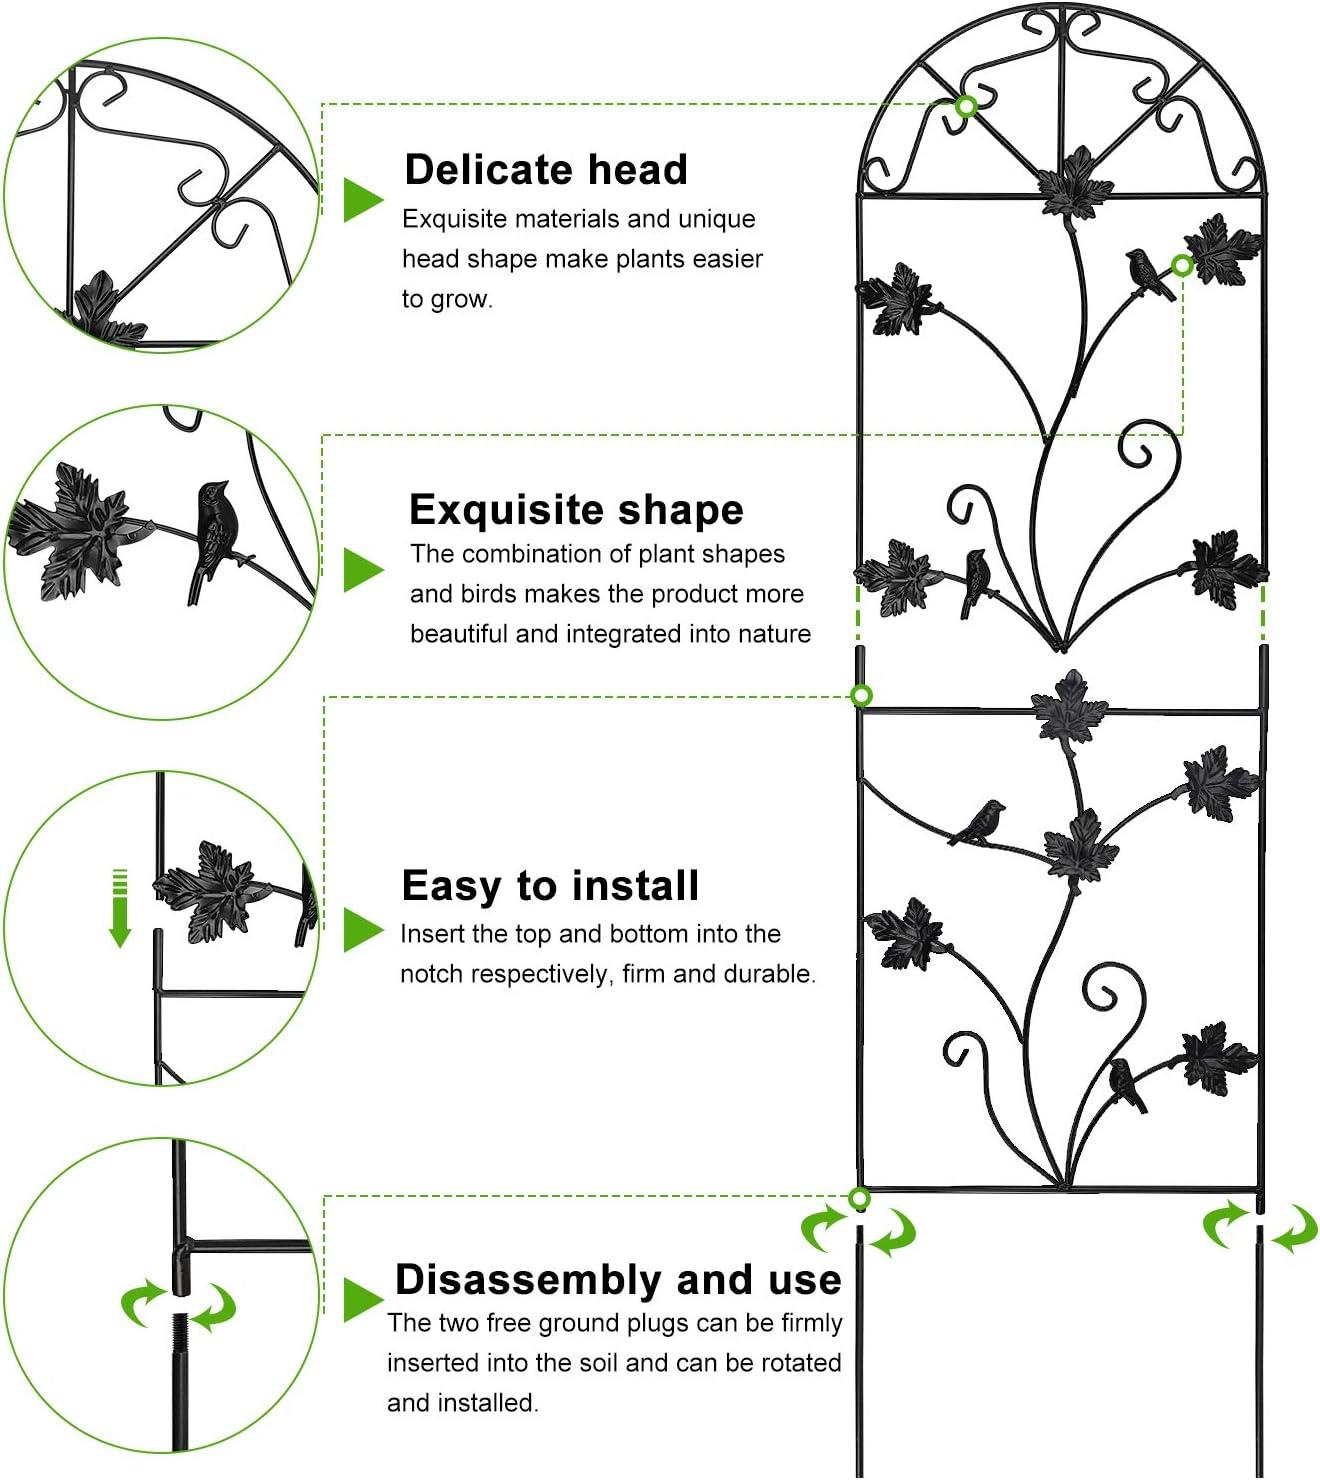 MIXXIDEA 64x17 Metal Garden Trellis for Climbing Plants Rustproof ...